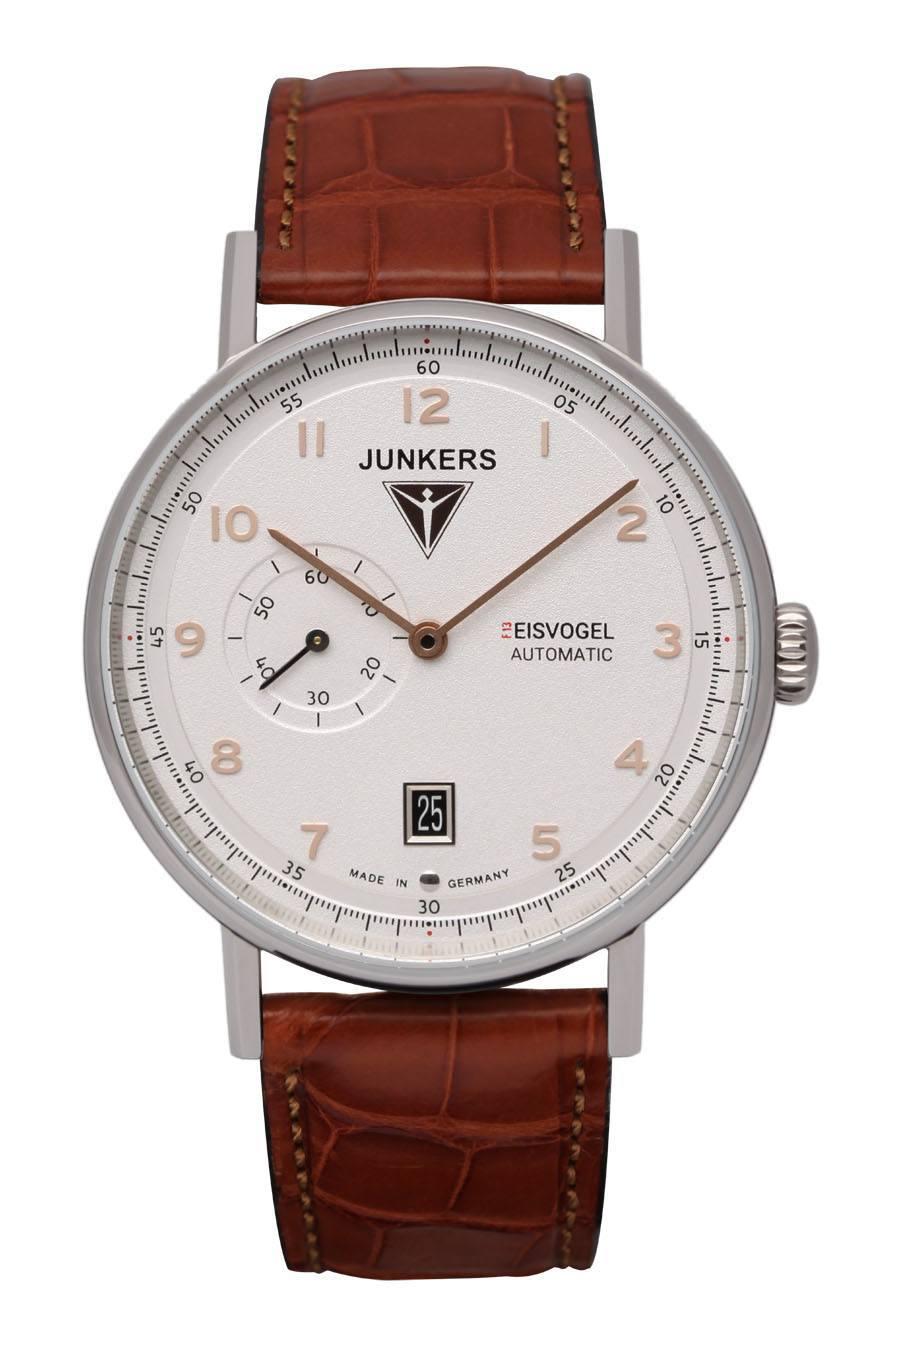 Junkers: Eisvogel F13